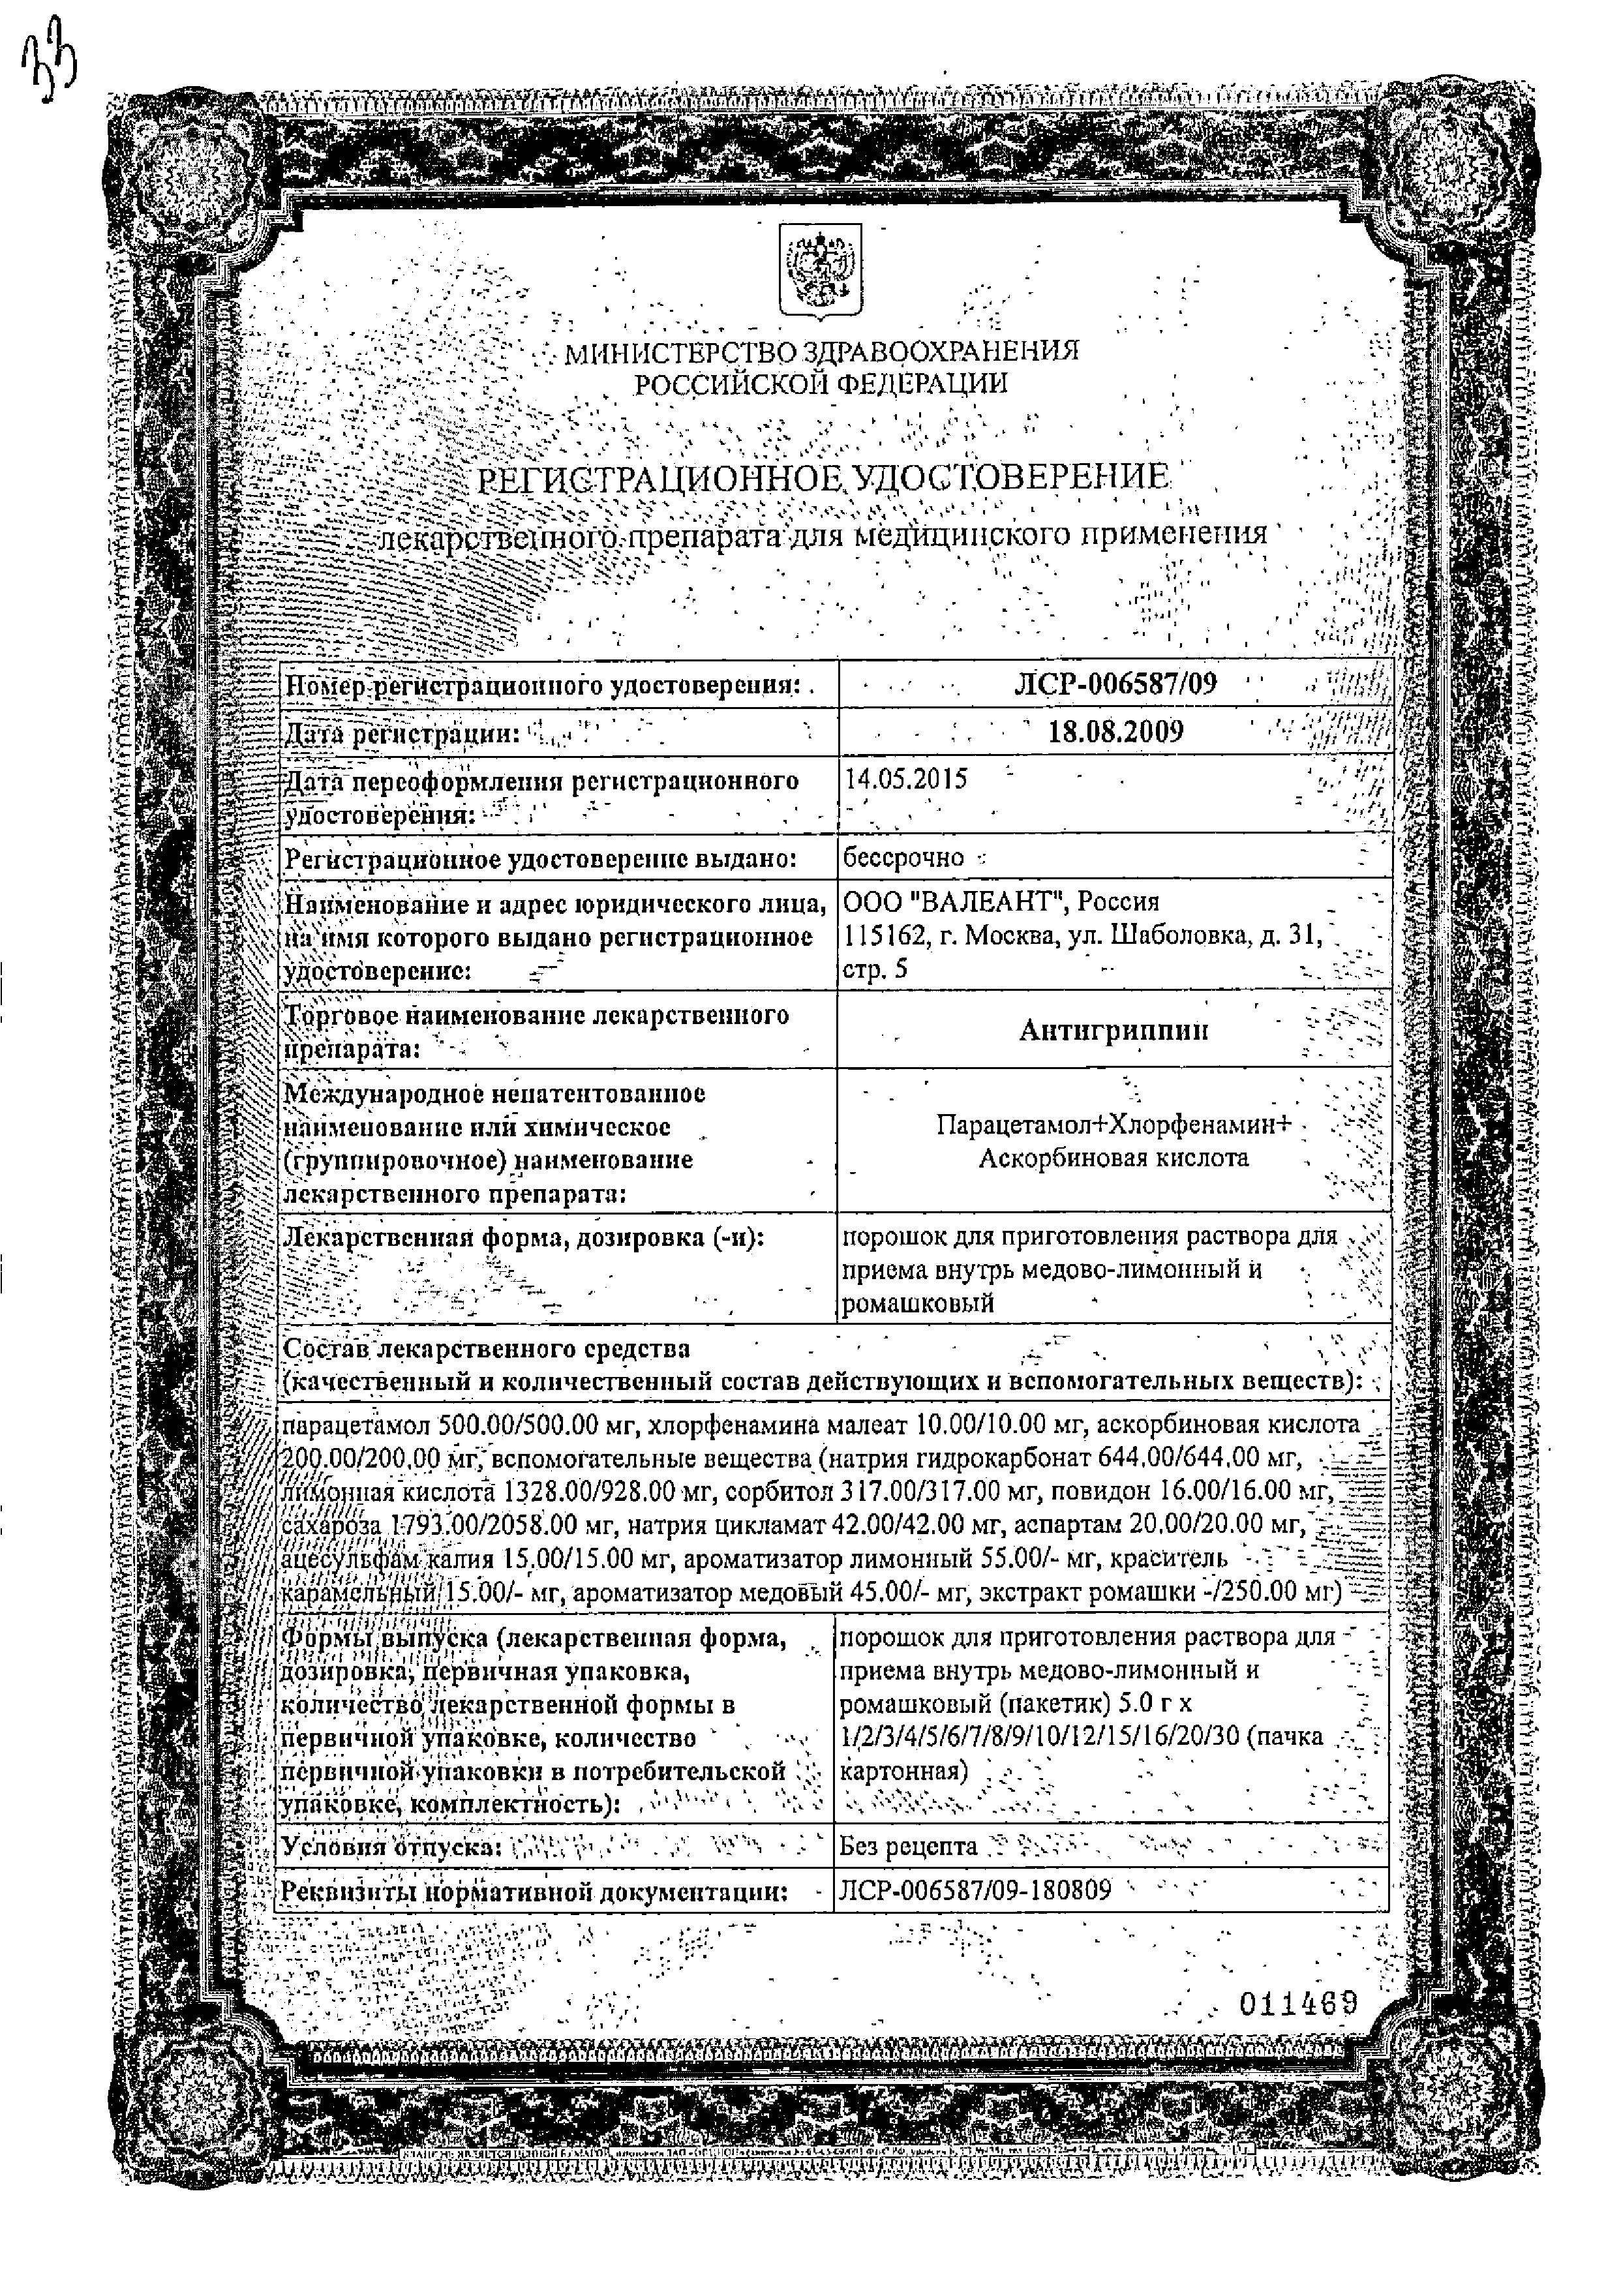 Антигриппин сертификат